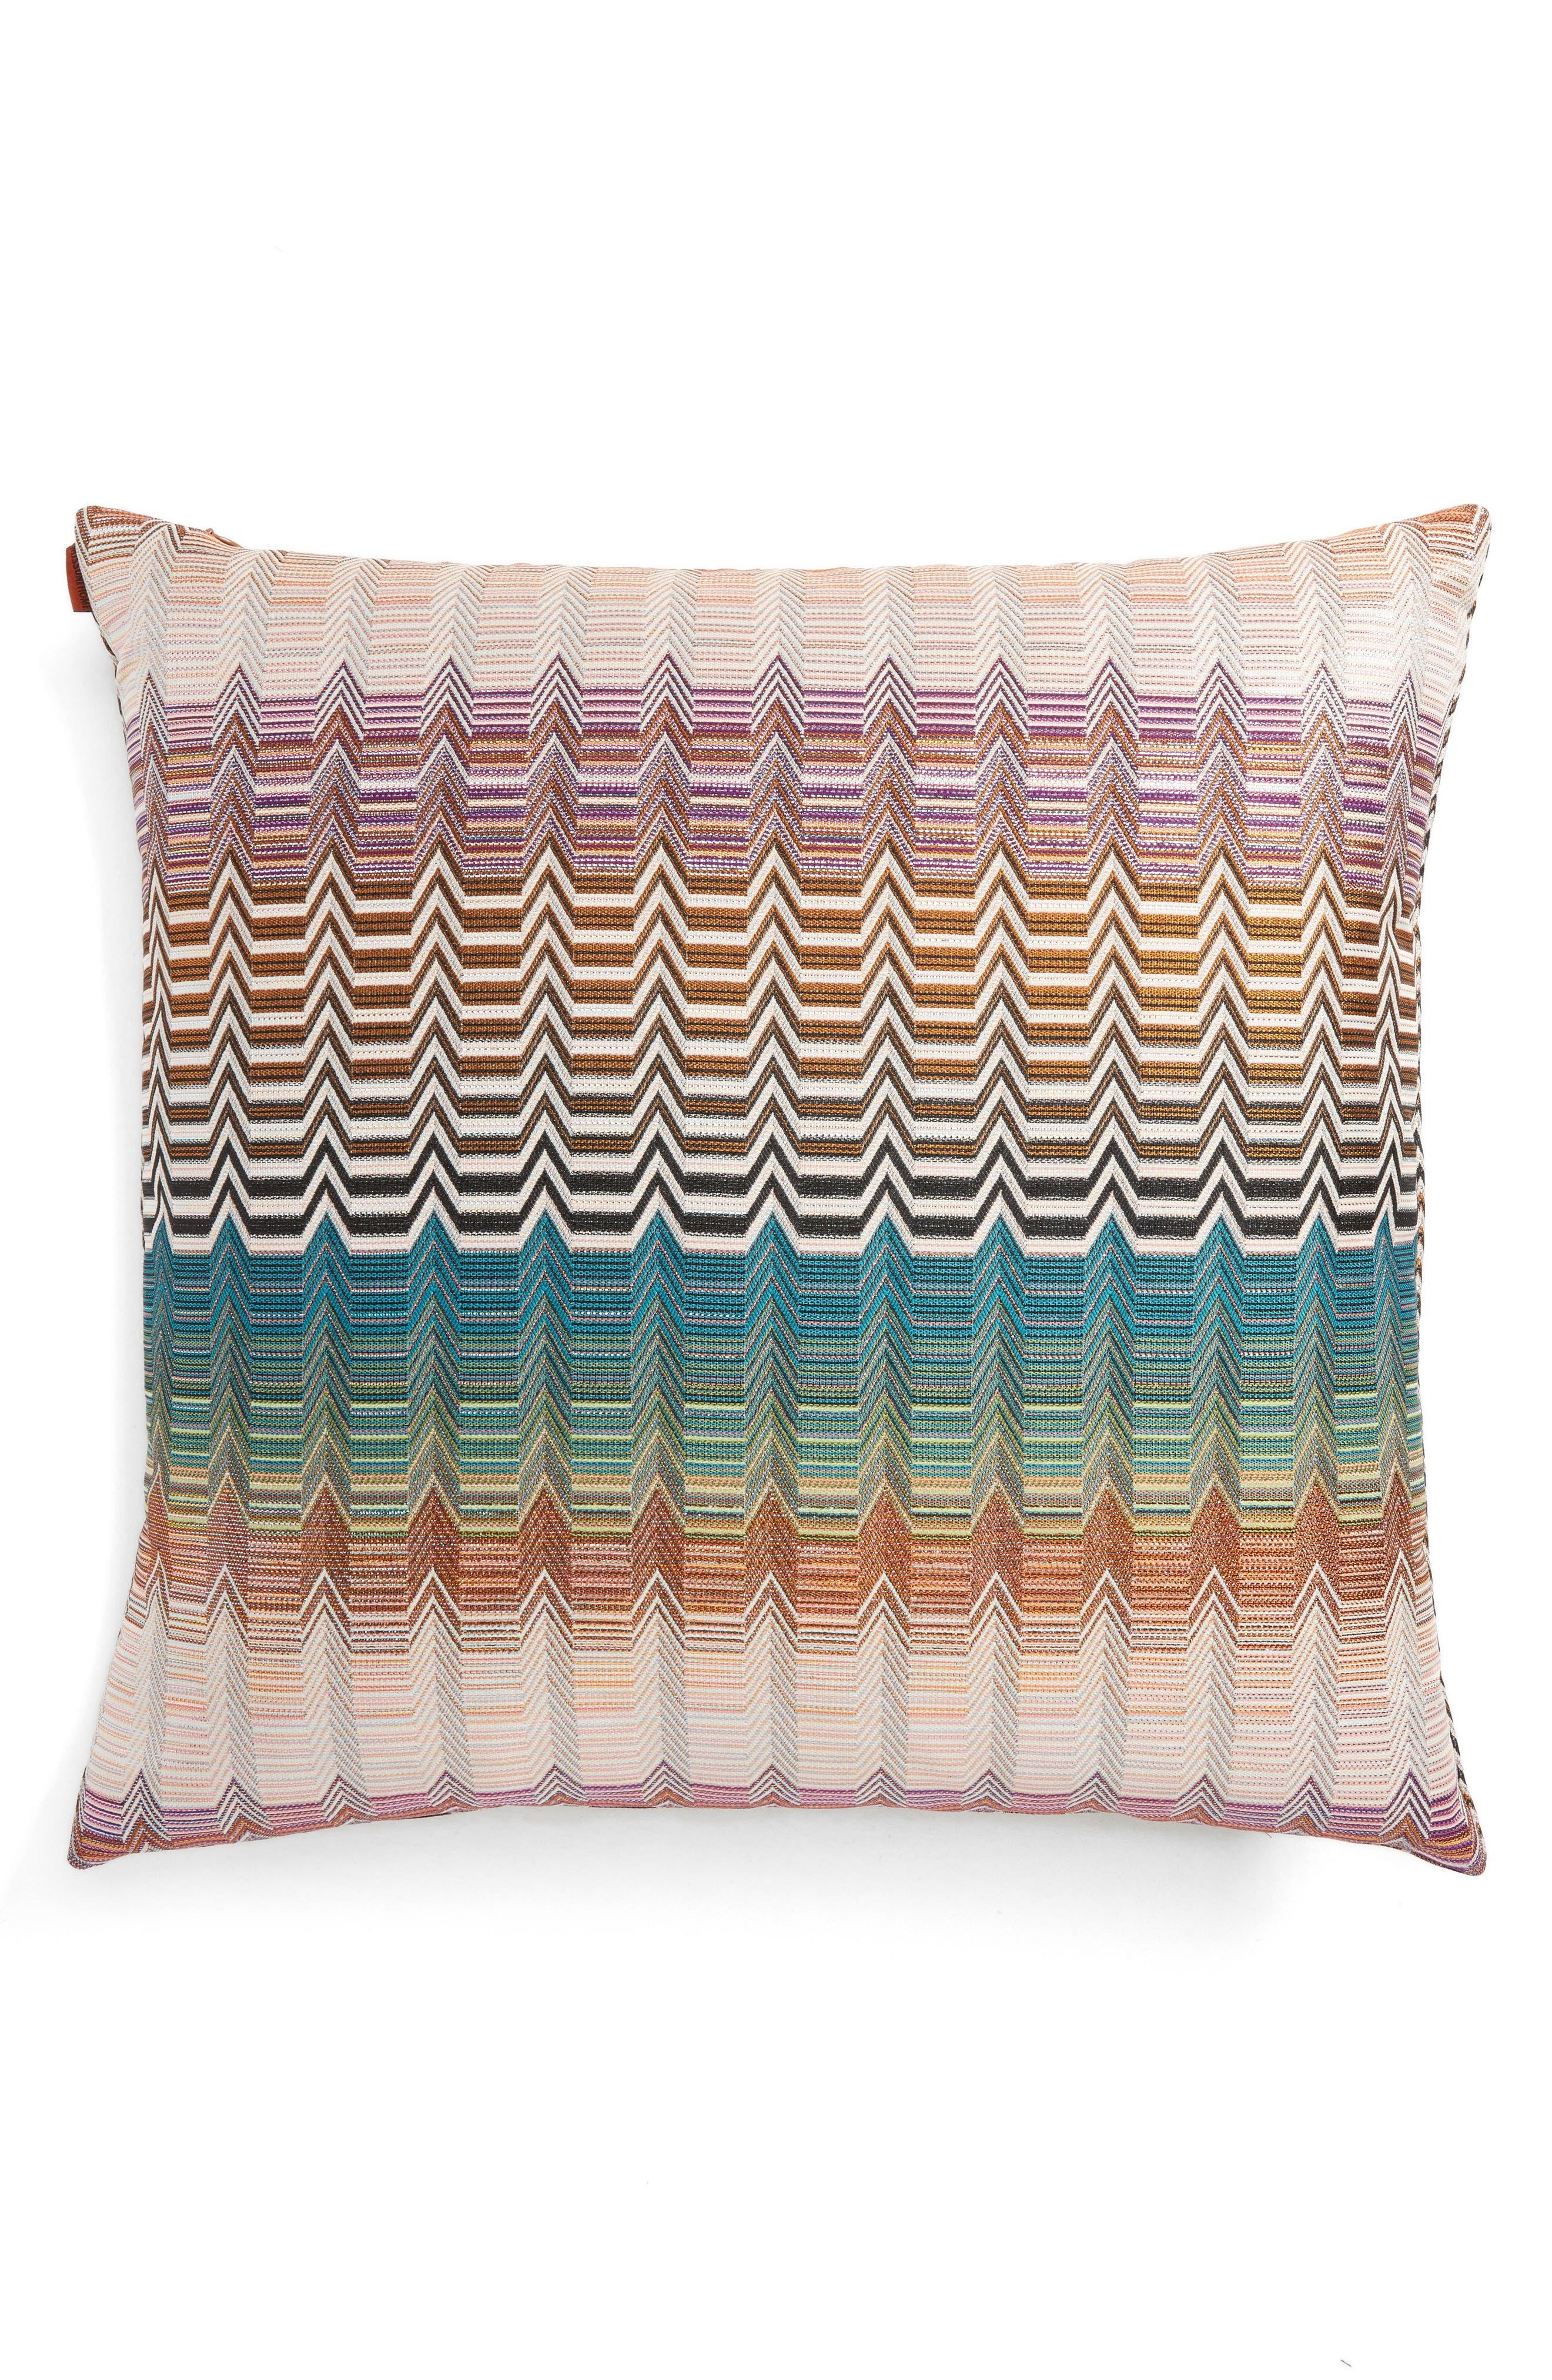 Santa Fe Seattle Accent Pillow,                             Main thumbnail 1, color,                             250